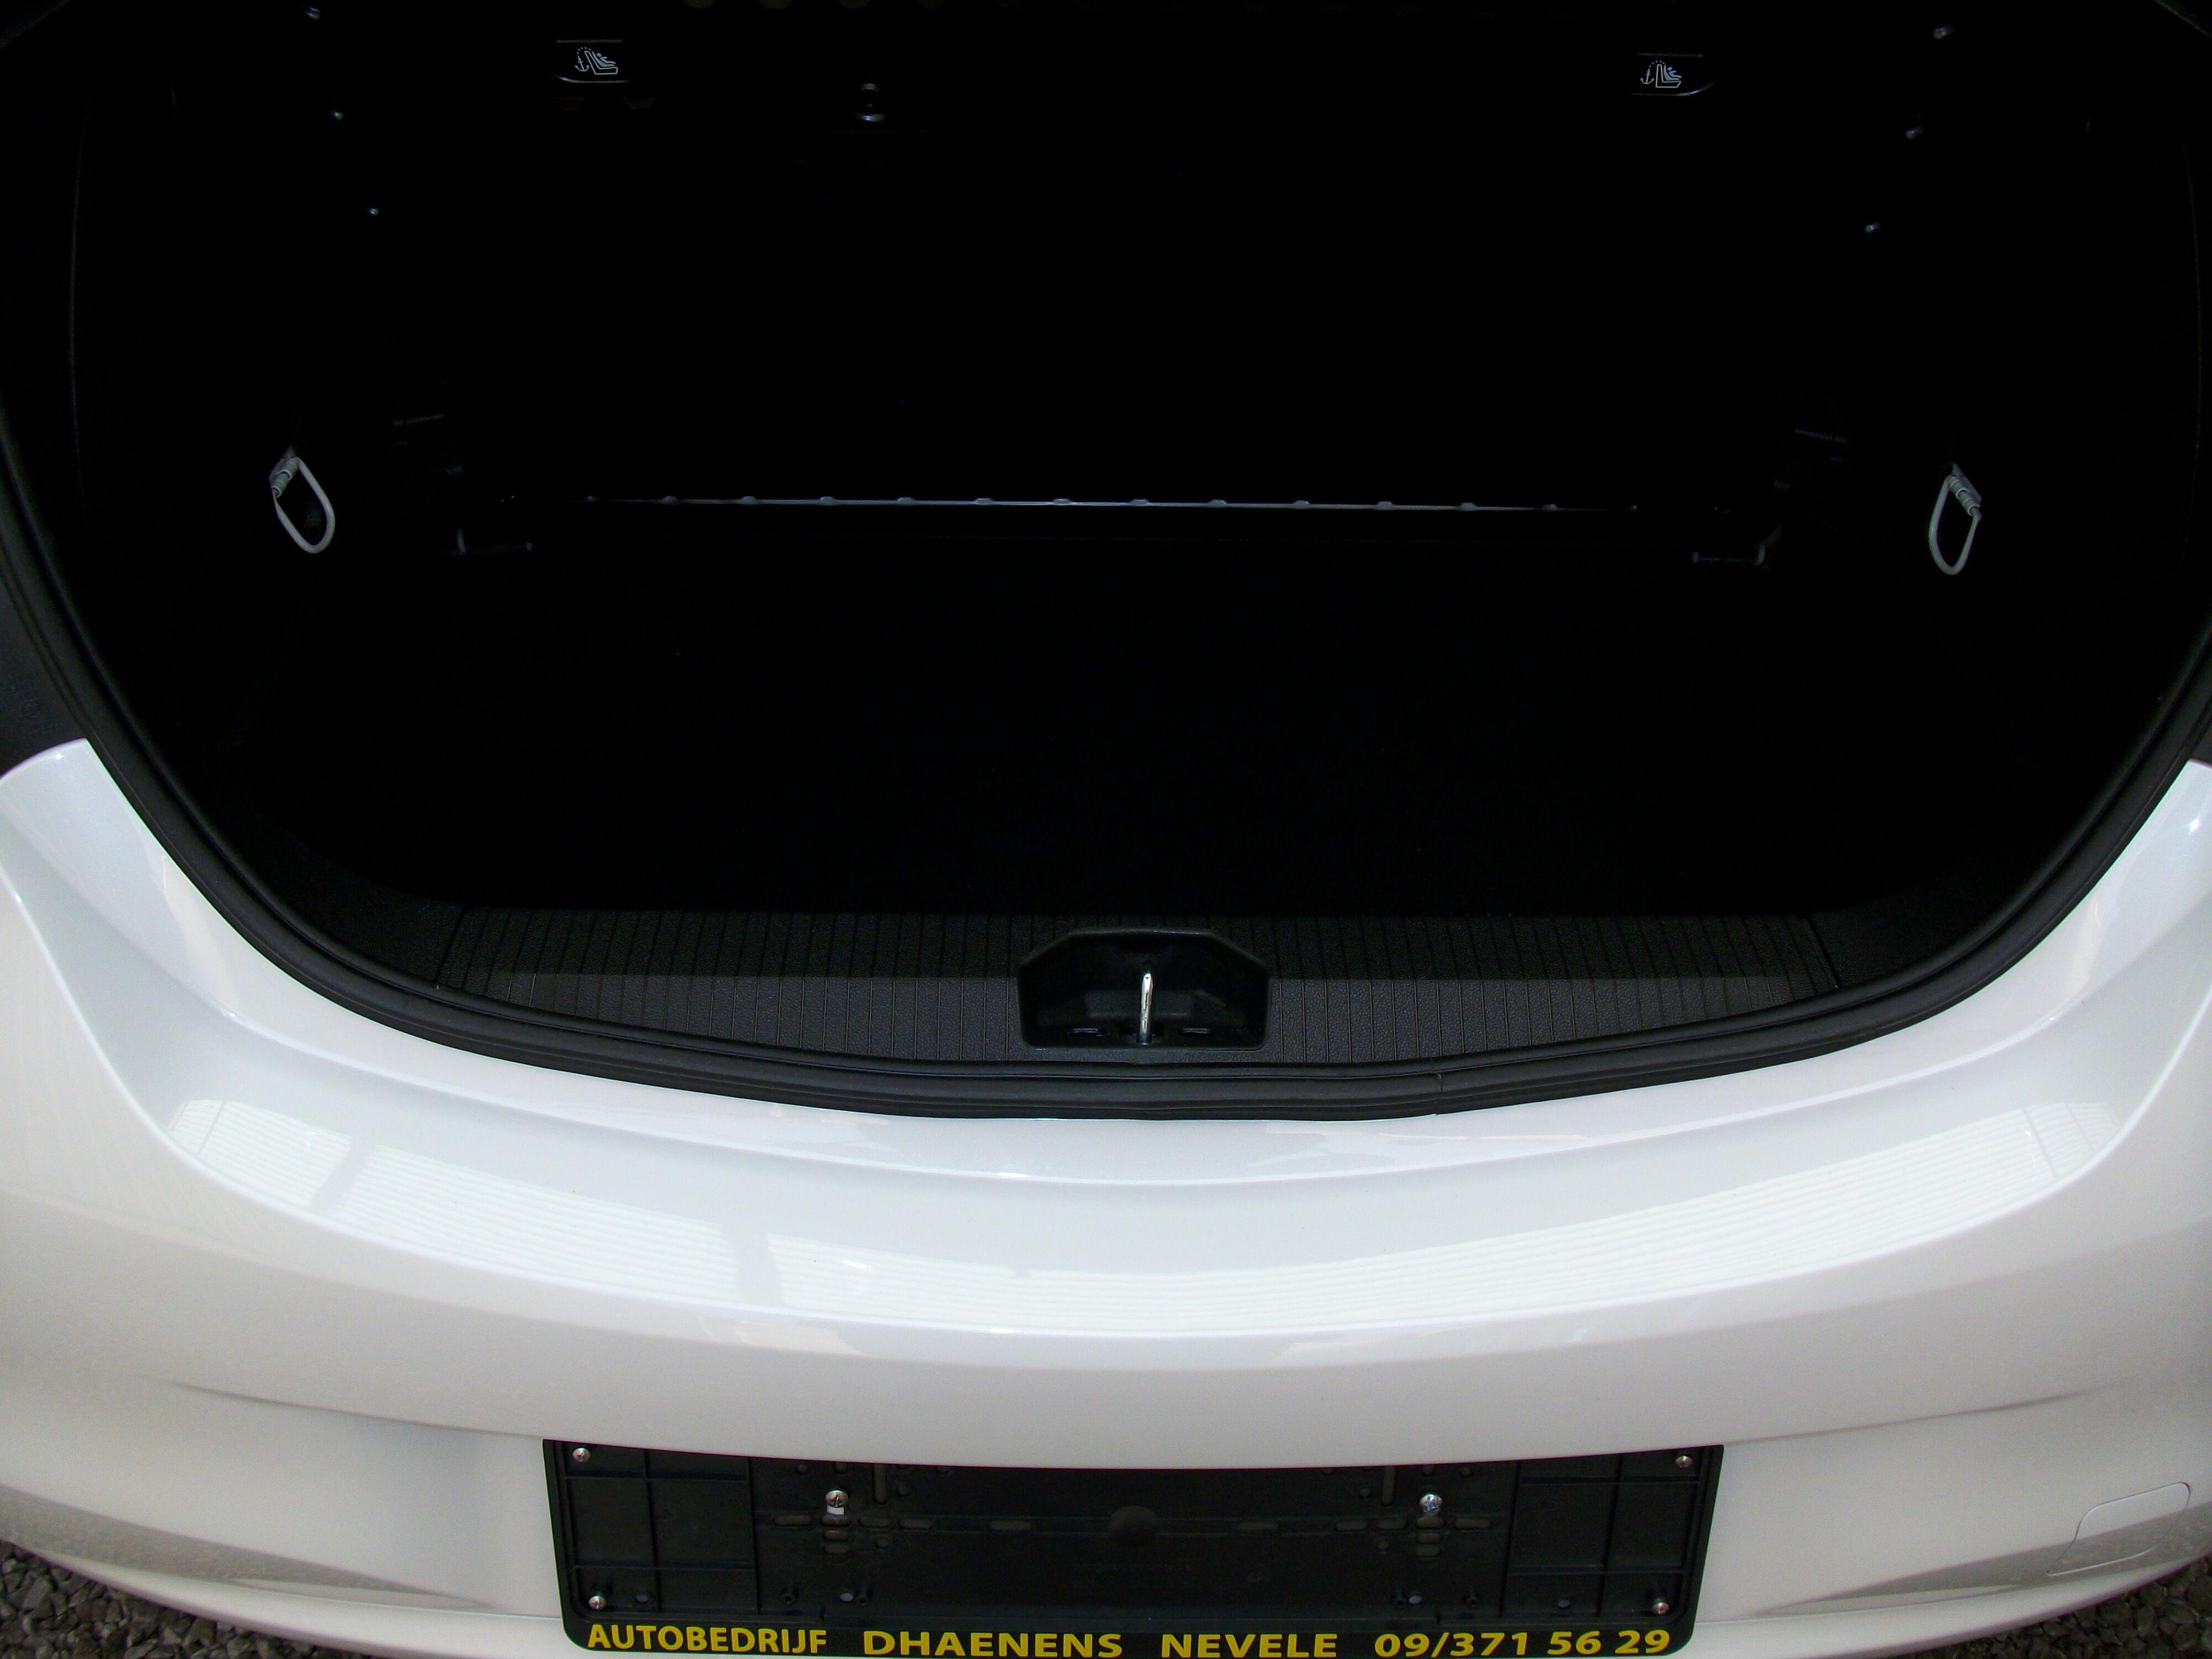 Opel Corsa CORSA E 1.2 Benz. - 5 deur 12/15